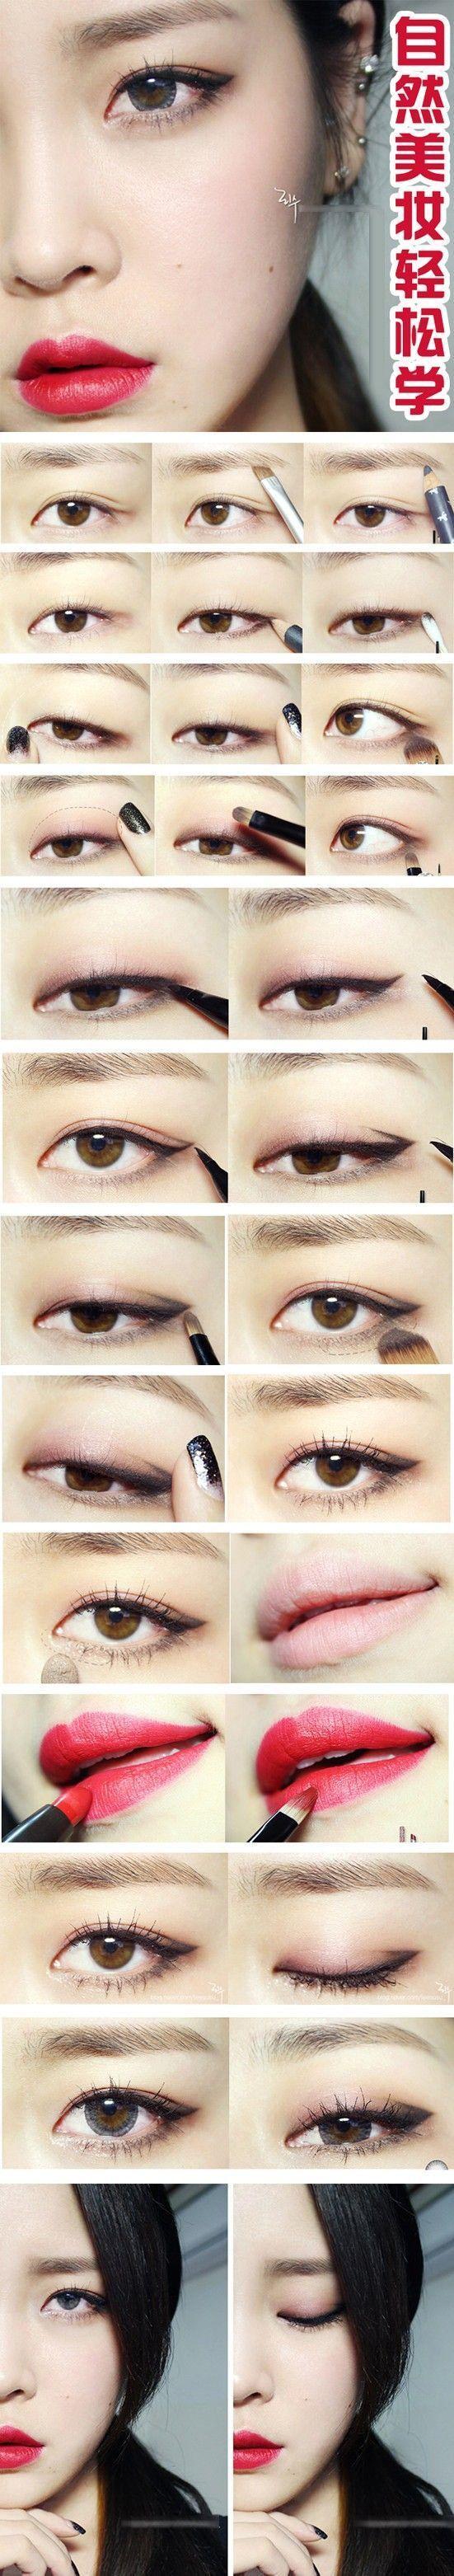 Makeup tutorial kawaii makeup pinterest tutorials makeup and makeup tutorial baditri Image collections